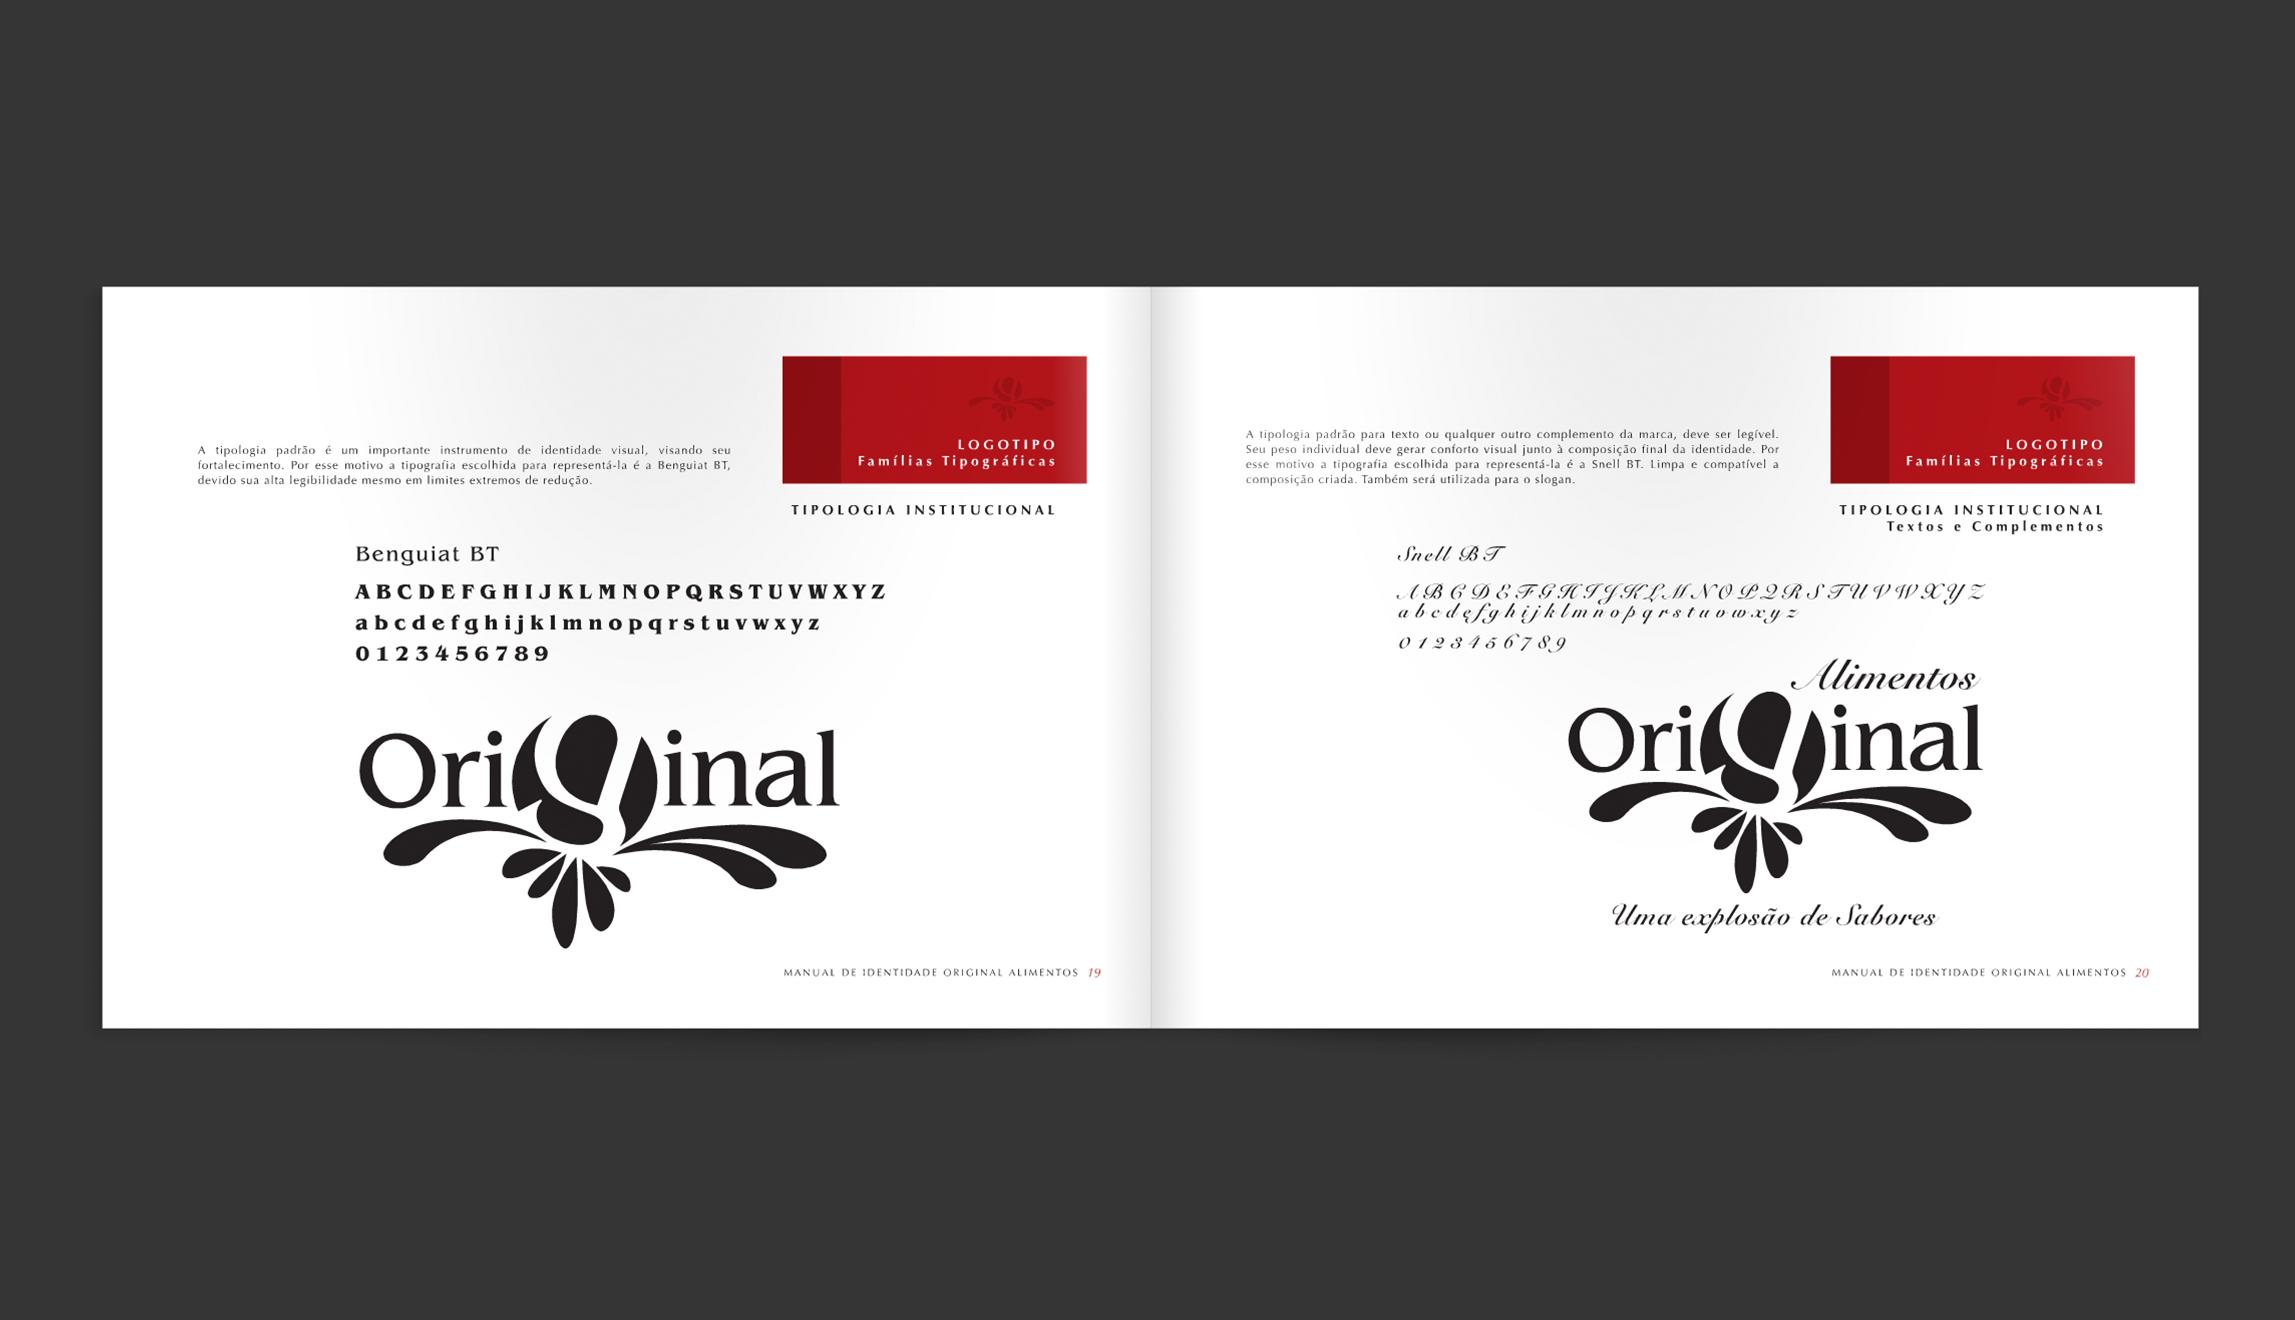 Manual-Original-9